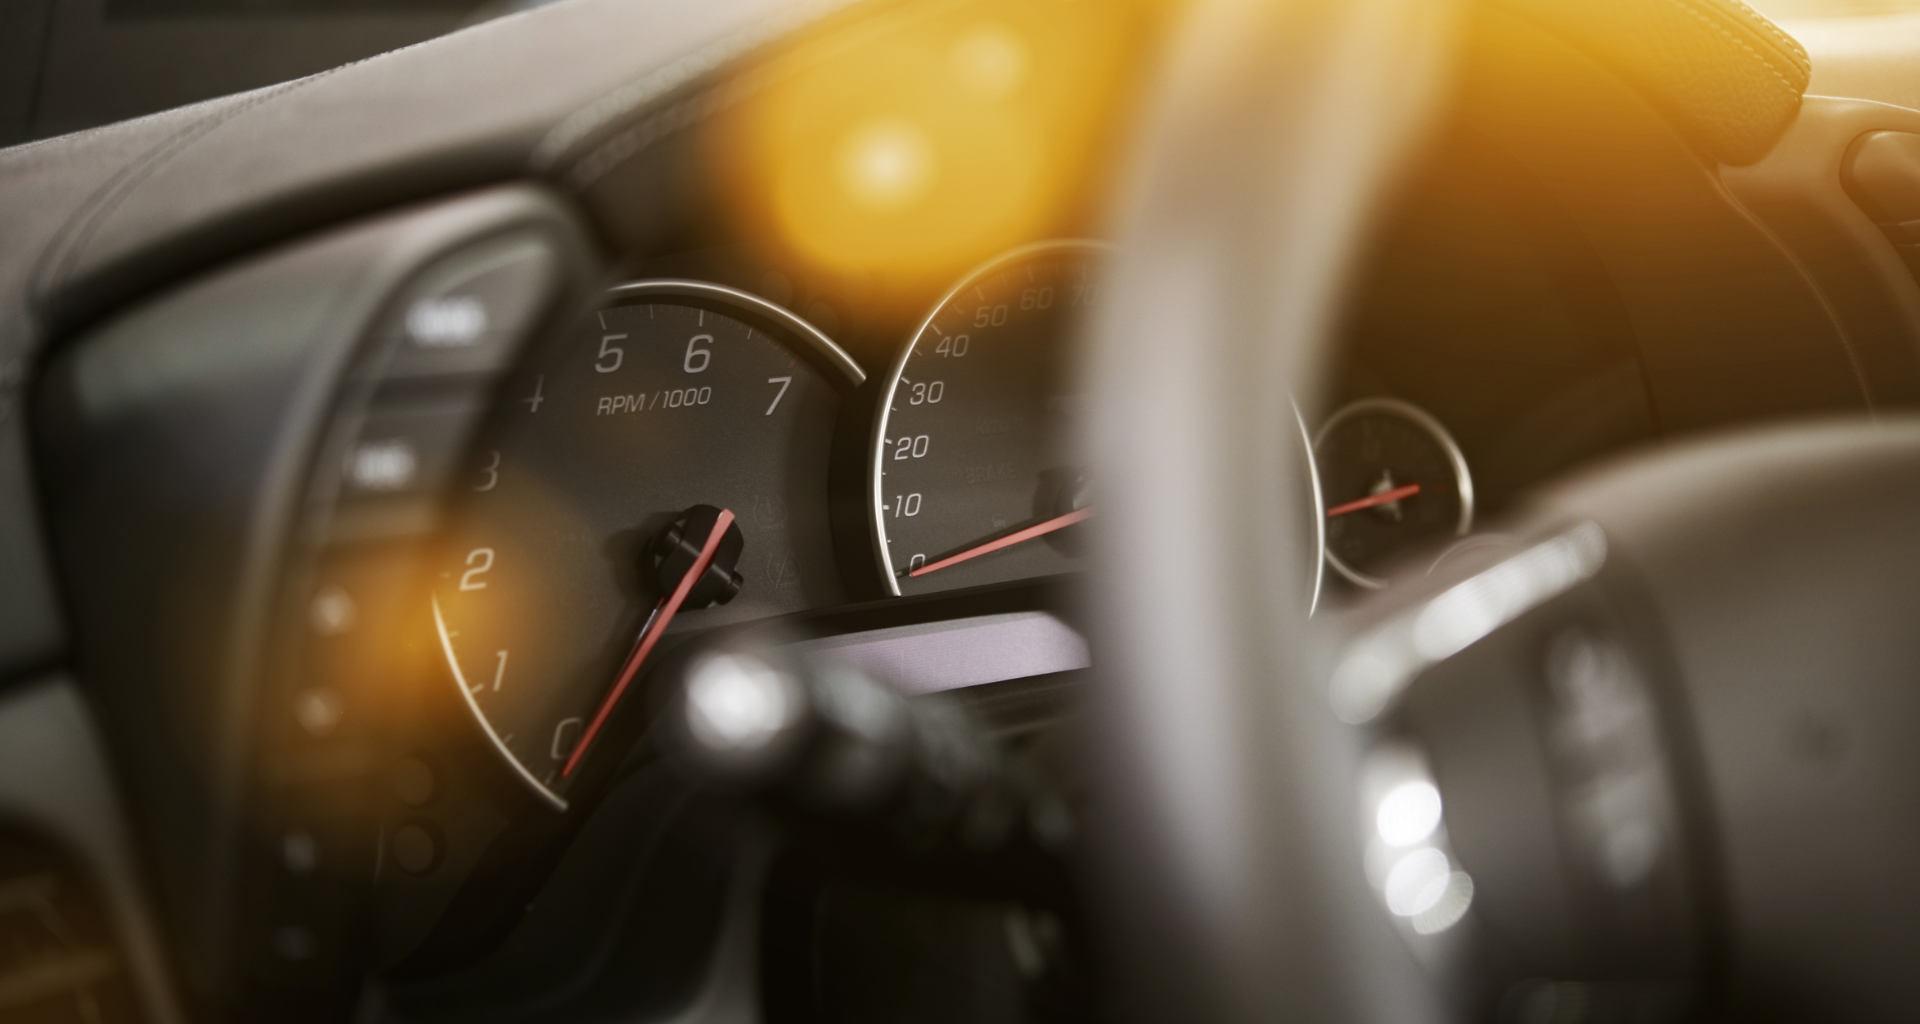 Iščete ponudnika za avto opremo in storitve? Pomagali vam bomo najti pravega za avto opremo in storitve